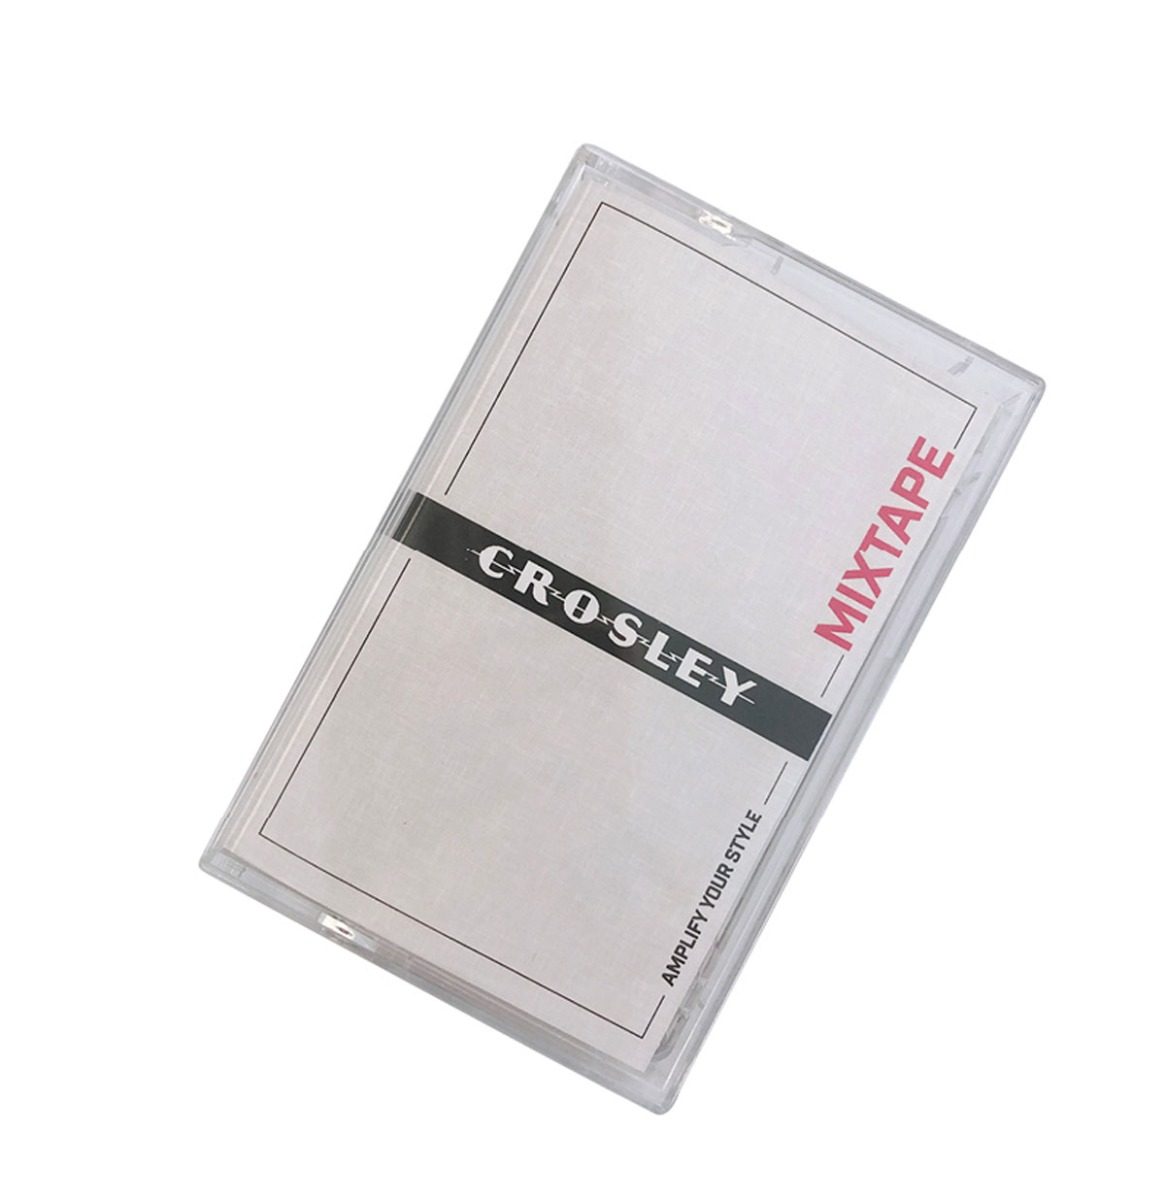 Crosley Blank Cassette Bandje - Tape 60 Minuten